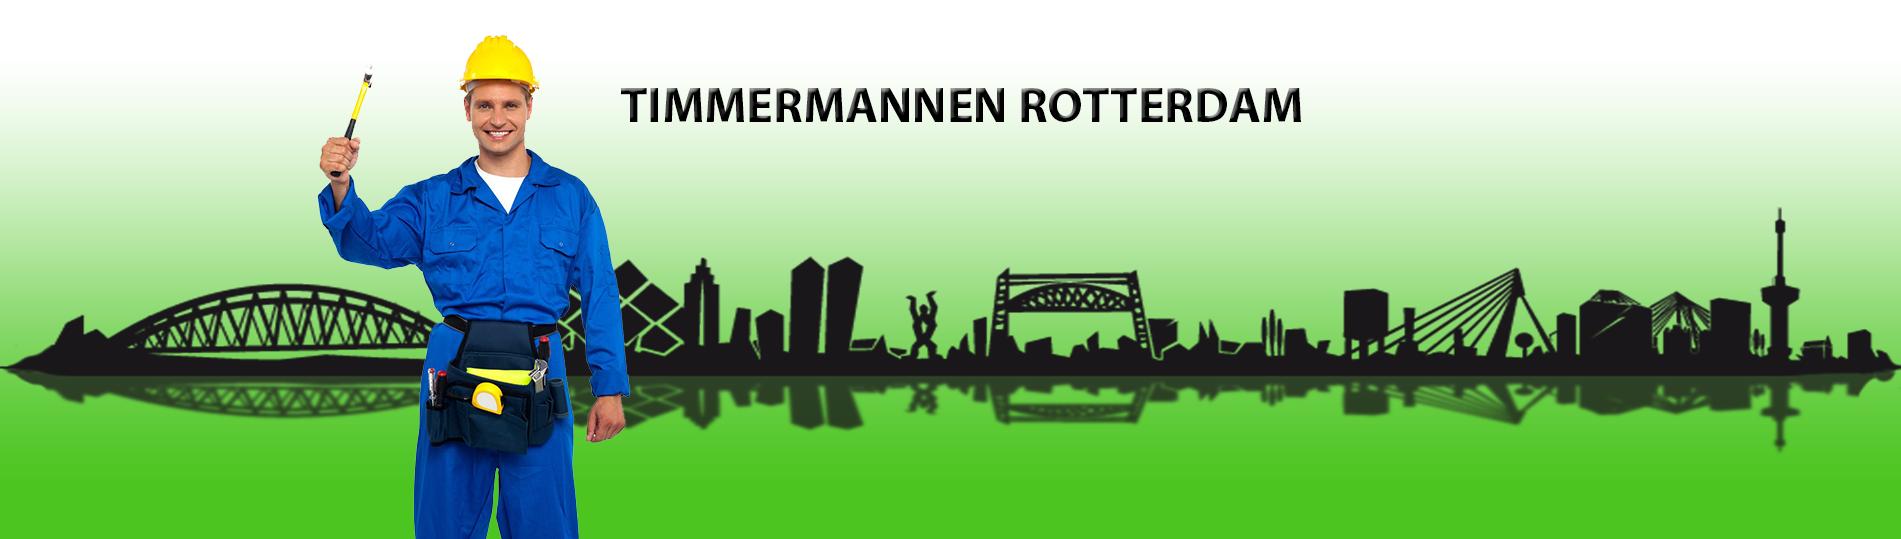 TIMMERMANNEN-ROTTERDAM-slider